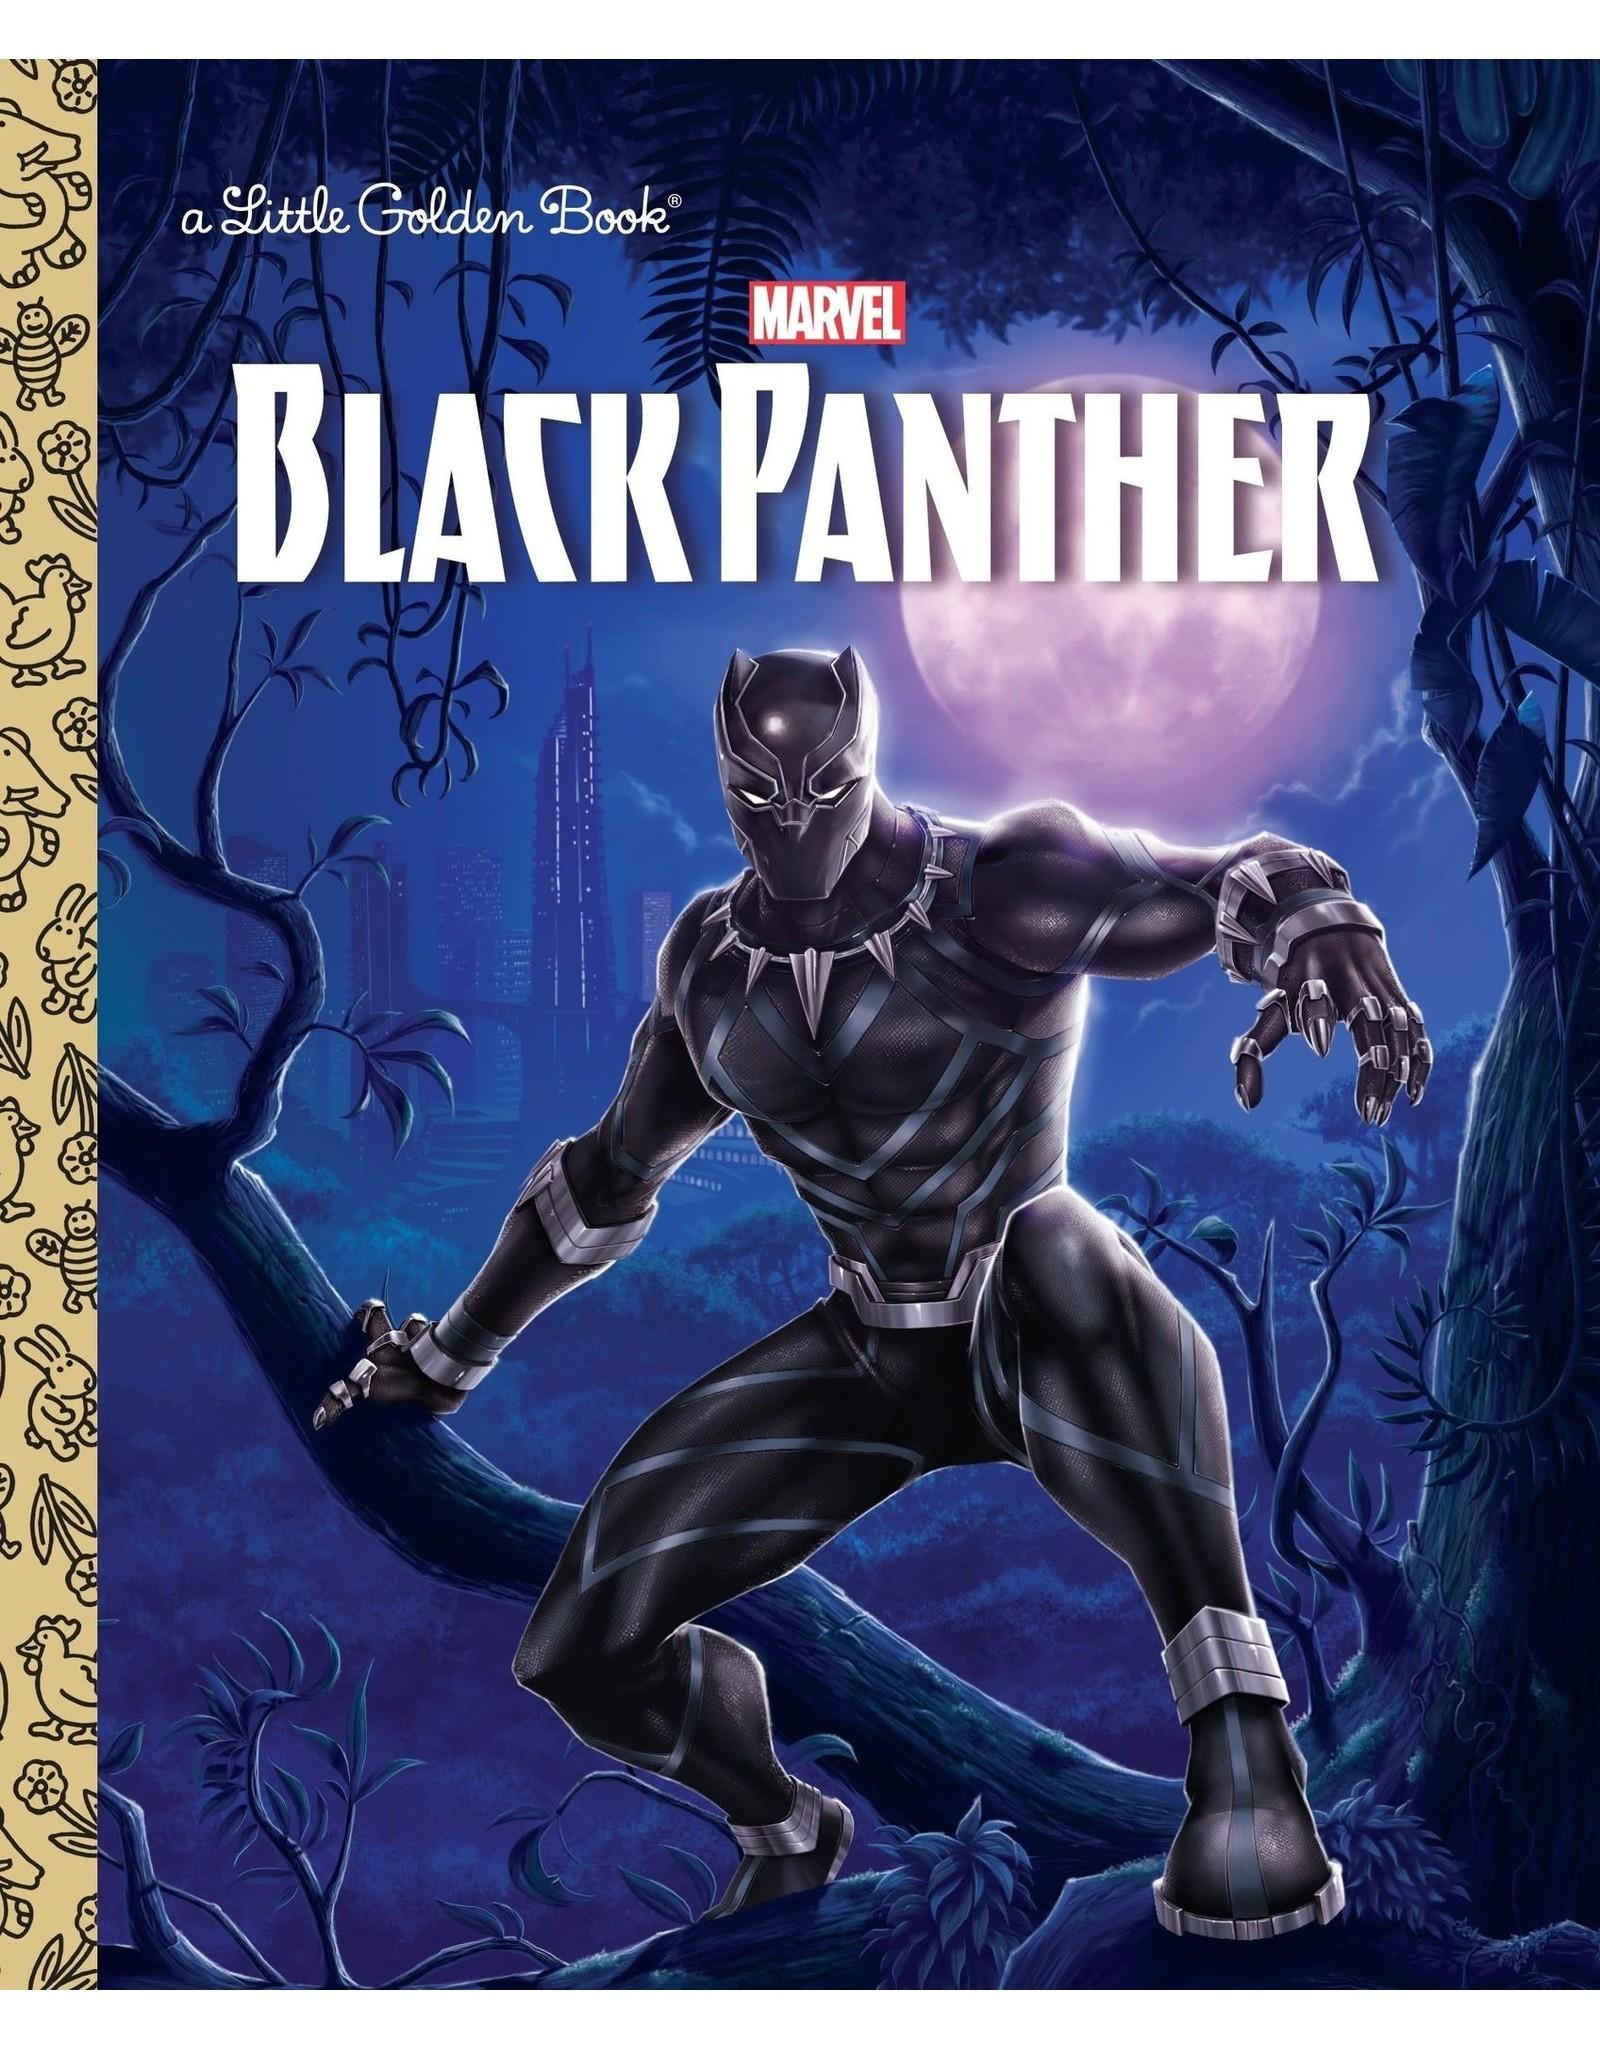 BLACK PANTHER LITTLE GOLDEN BOOK (MARVEL- BLACK PANTHER)